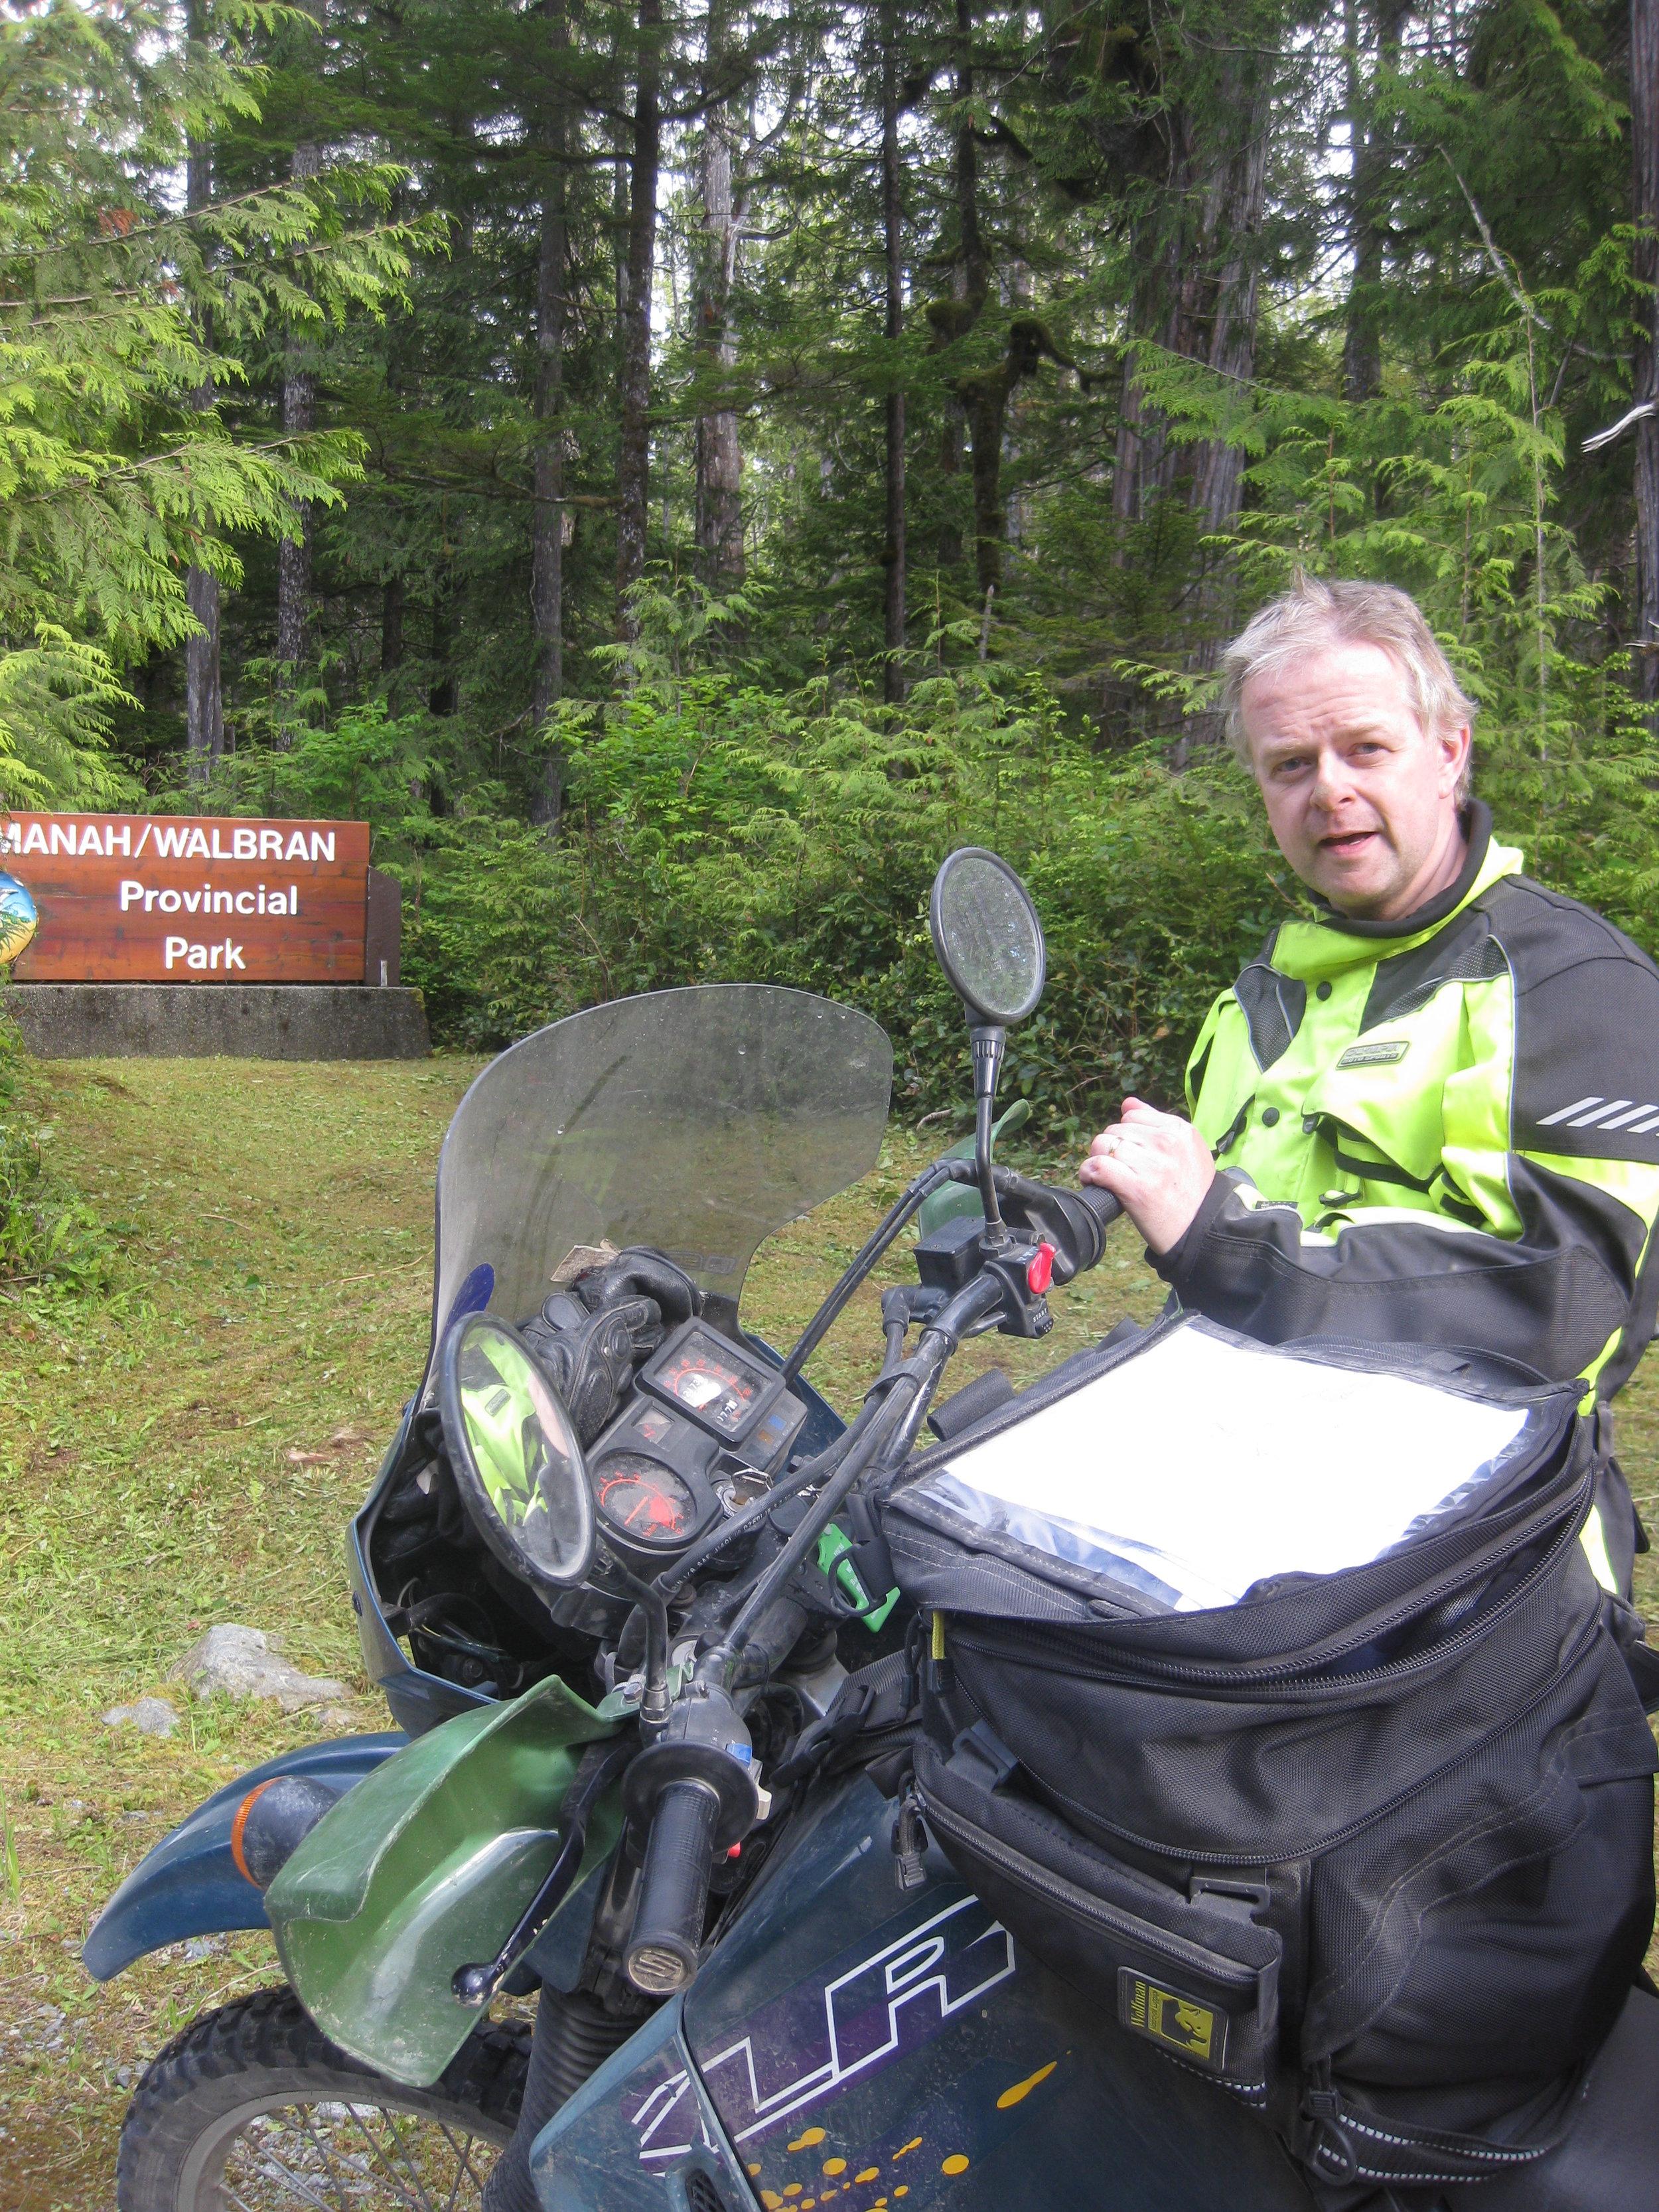 Trevor-Mark-Hughes-Adventure-Rider-Radio-Motorcycle-Podcast-3.JPG